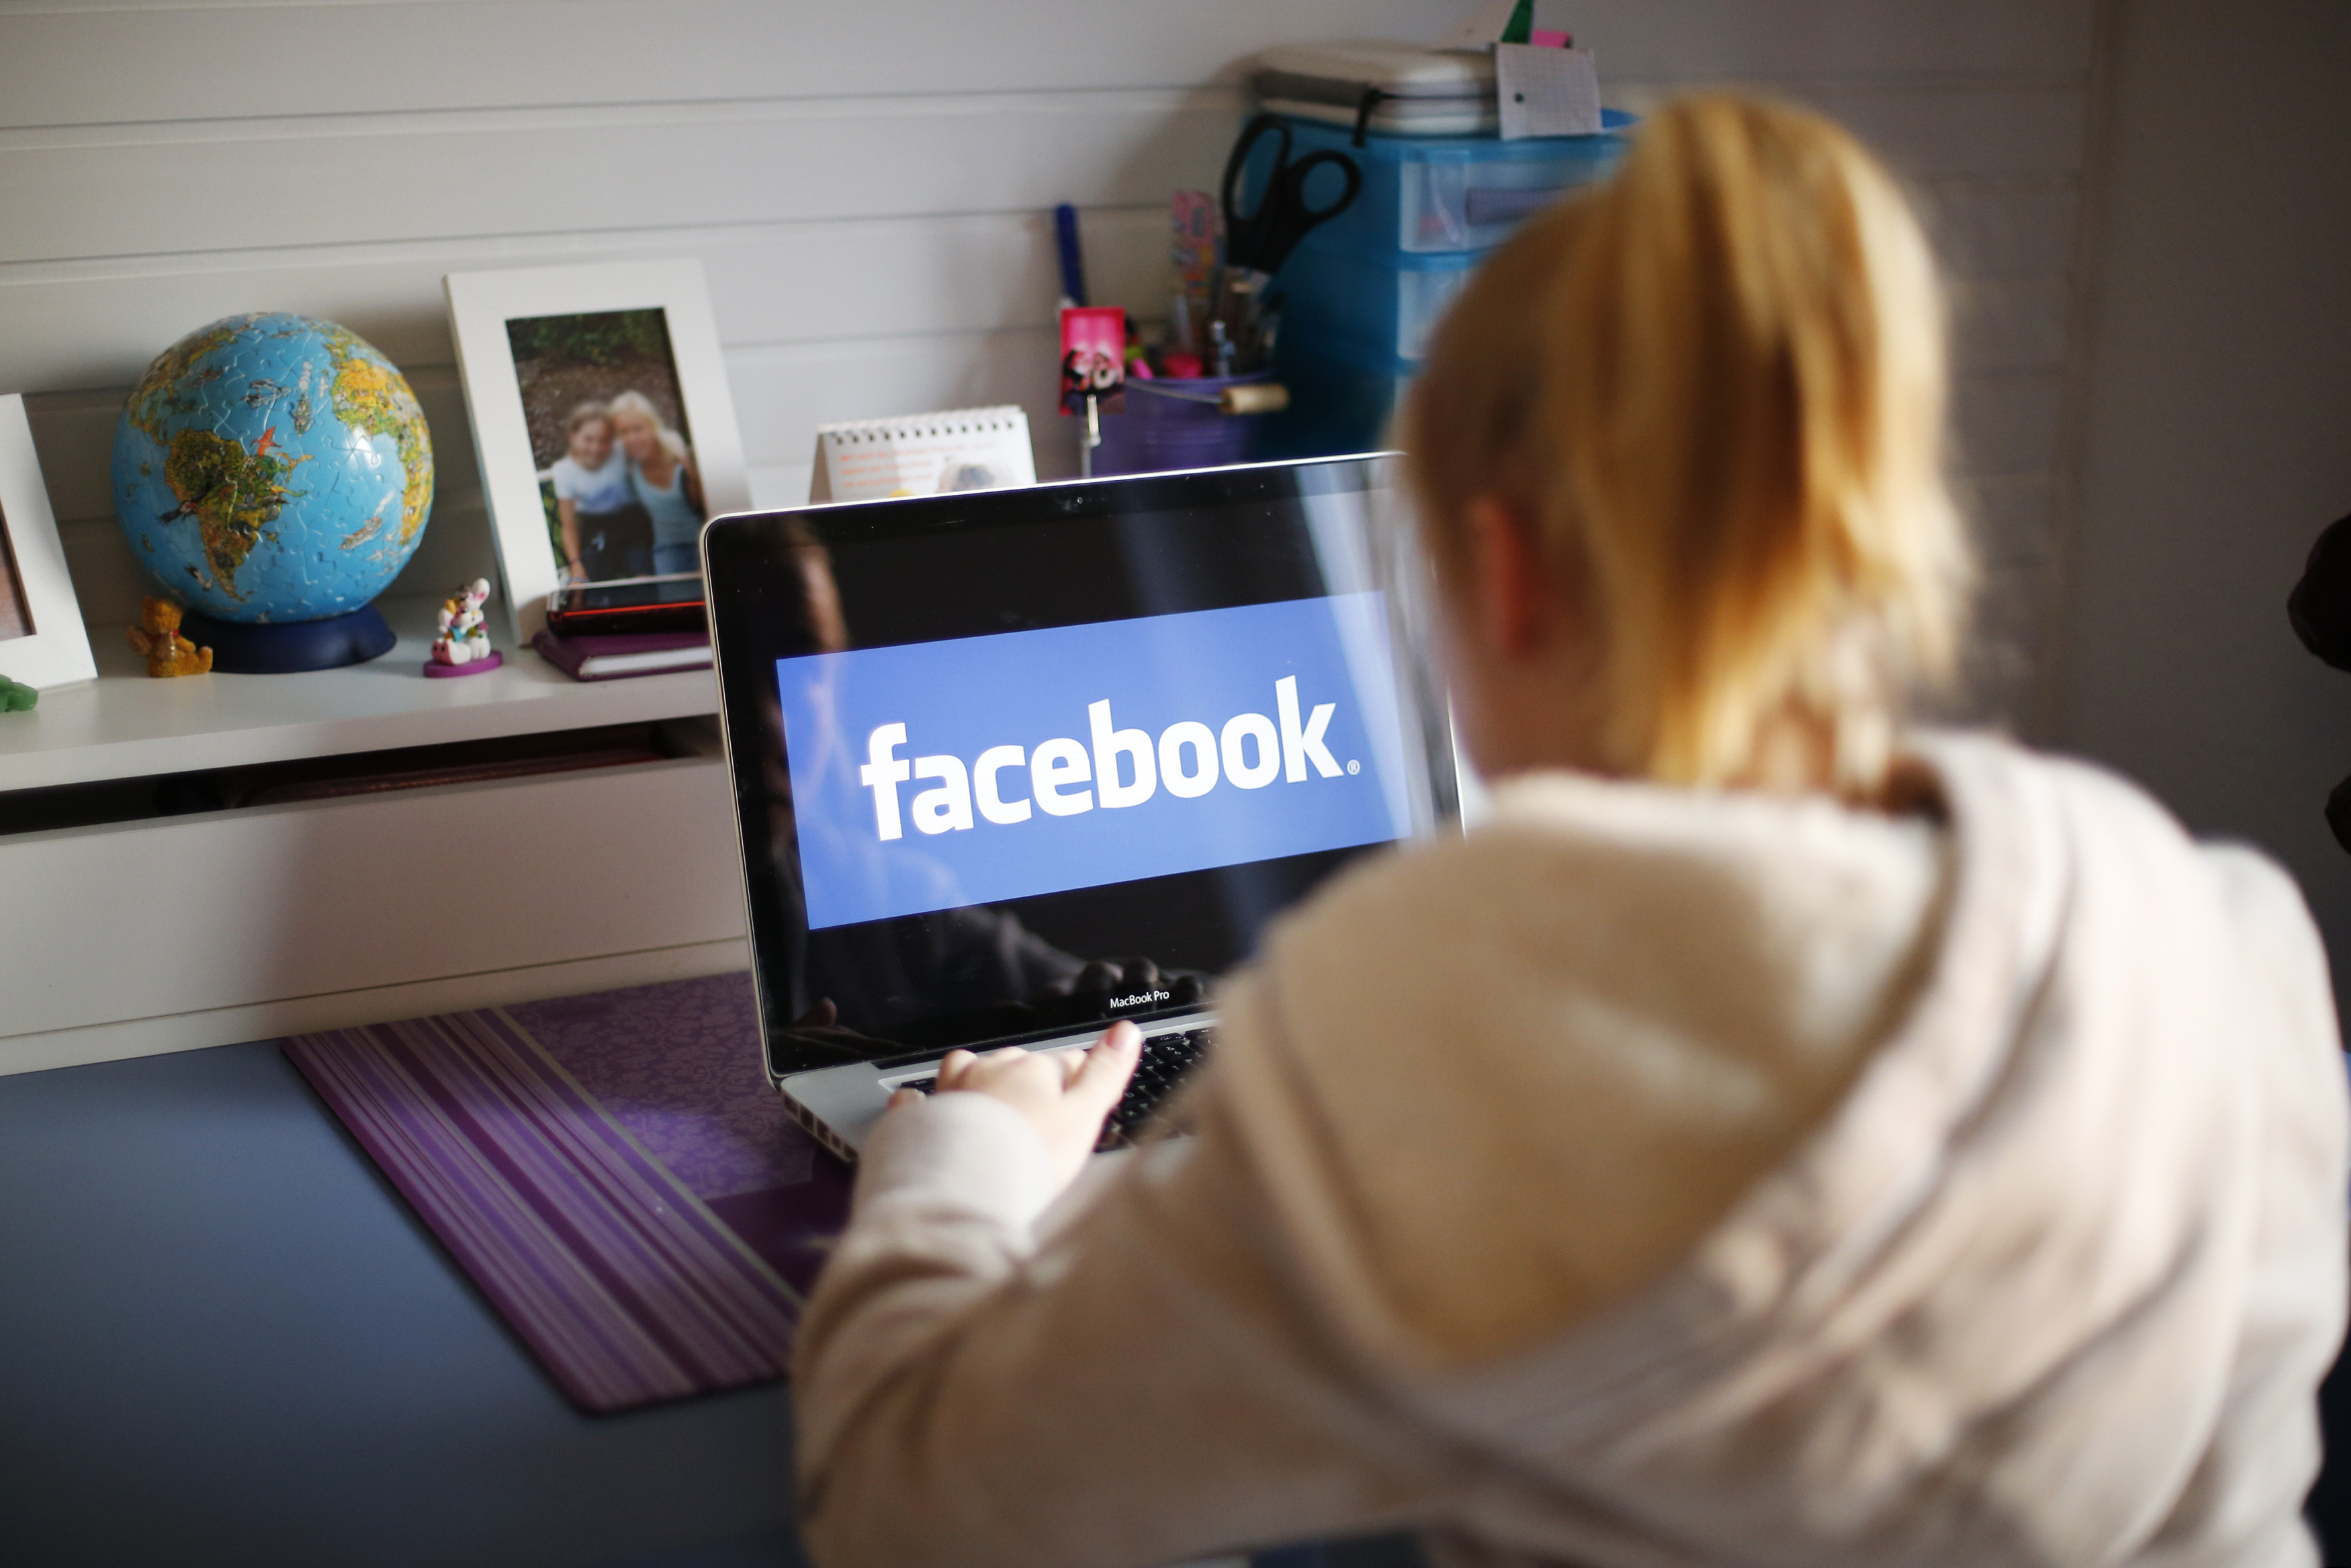 Att ta en paus från Facebook, eller sluta använda det helt, kan enligt studien ge ditt välbefinnande en skjuts.